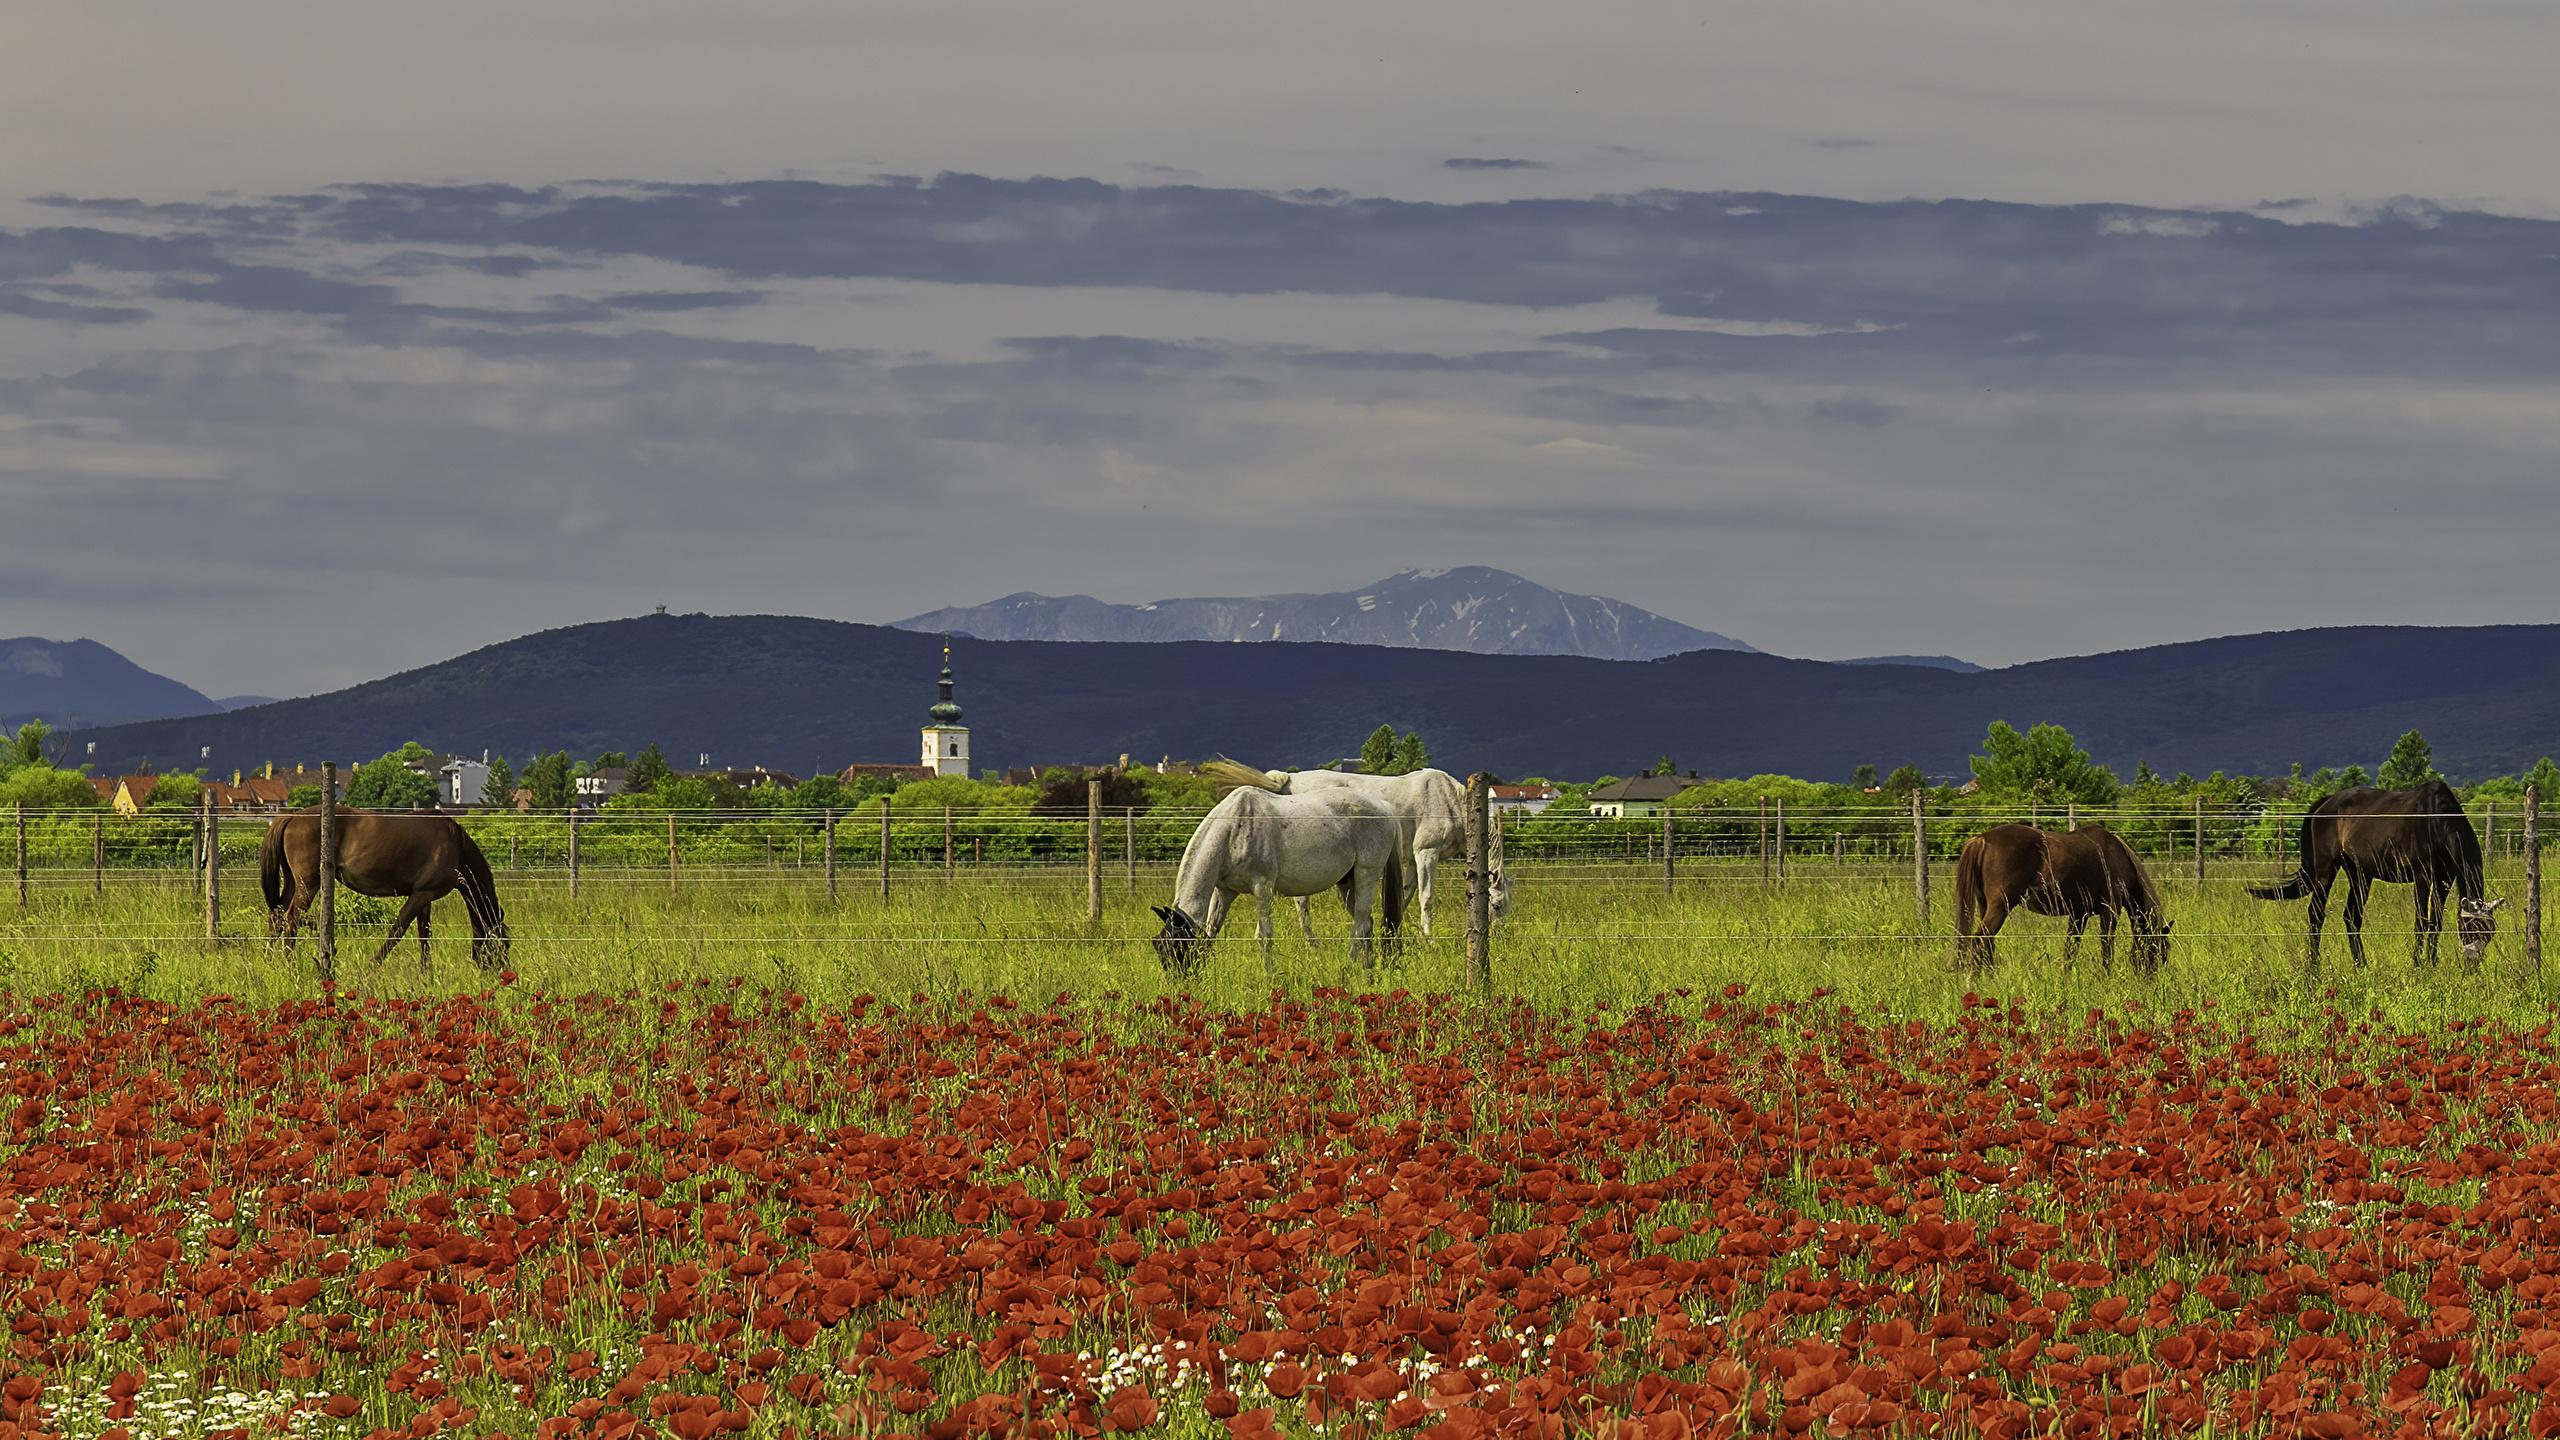 2560x1440 Campos Papoilas Cavalo Cerca animalia, um animal, cavalos, papaver Animalia